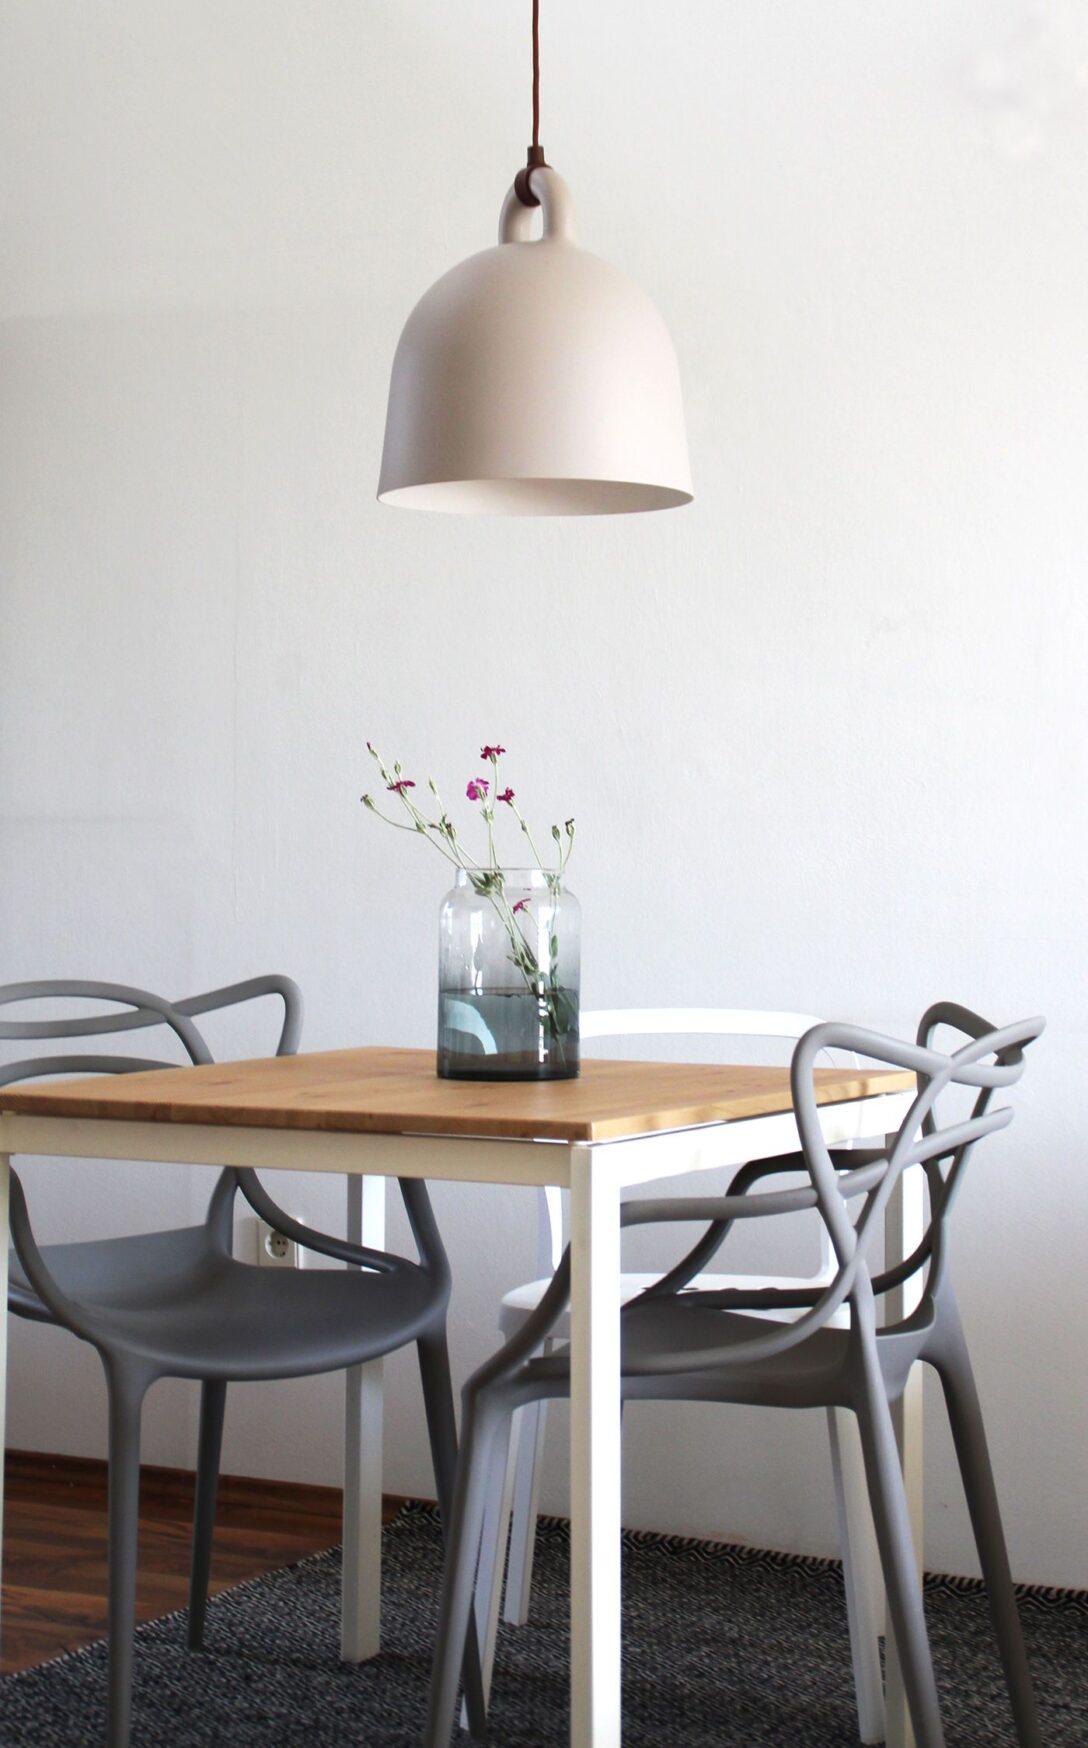 Large Size of Ikea Hack Sitzbank Esszimmer Diynstag 11 Einfache Hacks Im Skandi Stil Solebichde Küche Kosten Betten Bei Kaufen Miniküche Mit Lehne Sofa Schlaffunktion Wohnzimmer Ikea Hack Sitzbank Esszimmer